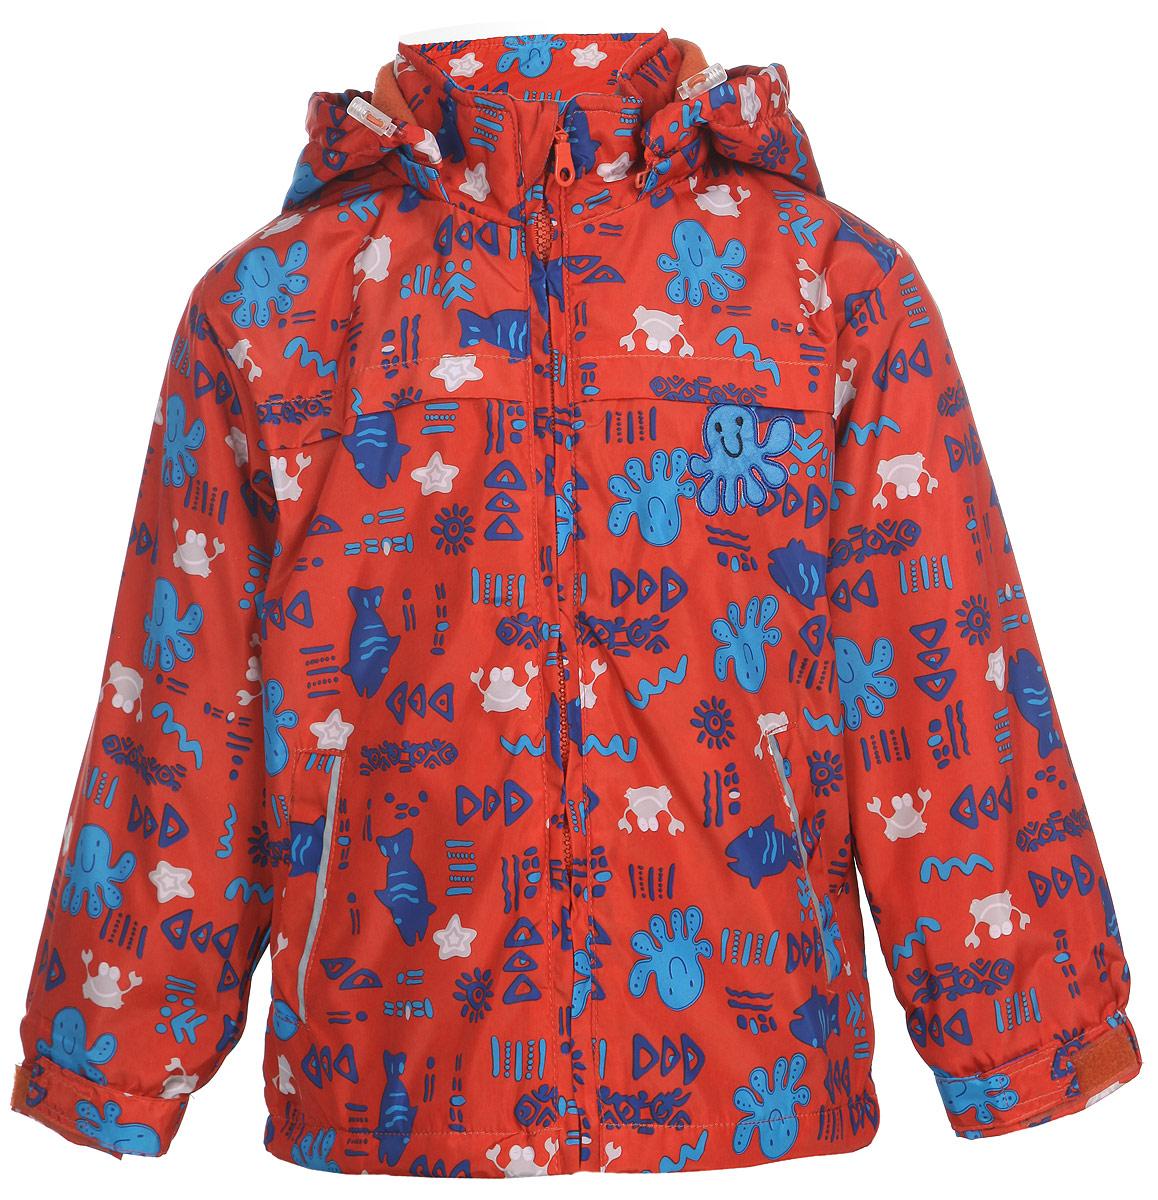 Куртка для мальчика M&D, цвет: темно-красный. 111600R-31. Размер 116111600R-31Яркая куртка для мальчика M&D идеально подойдет для ребенка в прохладное время года. Она выполнена из полиэстера и дополнена мягкой и теплой флисовой подкладкой.Куртка с воротником-стойкой застегивается на удобную застежку-молнию. Съемный капюшон фиксируется при помощи молнии, его объем регулируется при помощи скрытого эластичного шнурка со стопперами. Рукава оснащены широкими эластичными резинками, не стягивающими запястья, и хлястиками на липучках. Низ модели дополнен скрытым эластичным шнурком со стопперами. По бокам куртка дополнена двумя прорезными кармашками. Куртка оформлена красочным принтом с изображением морских животных и дополнена светоотражающими полосками на карманах и на спинке. В такой куртке ваш маленький мужчина будет чувствовать себя комфортно, уютно и всегда будет в центре внимания!